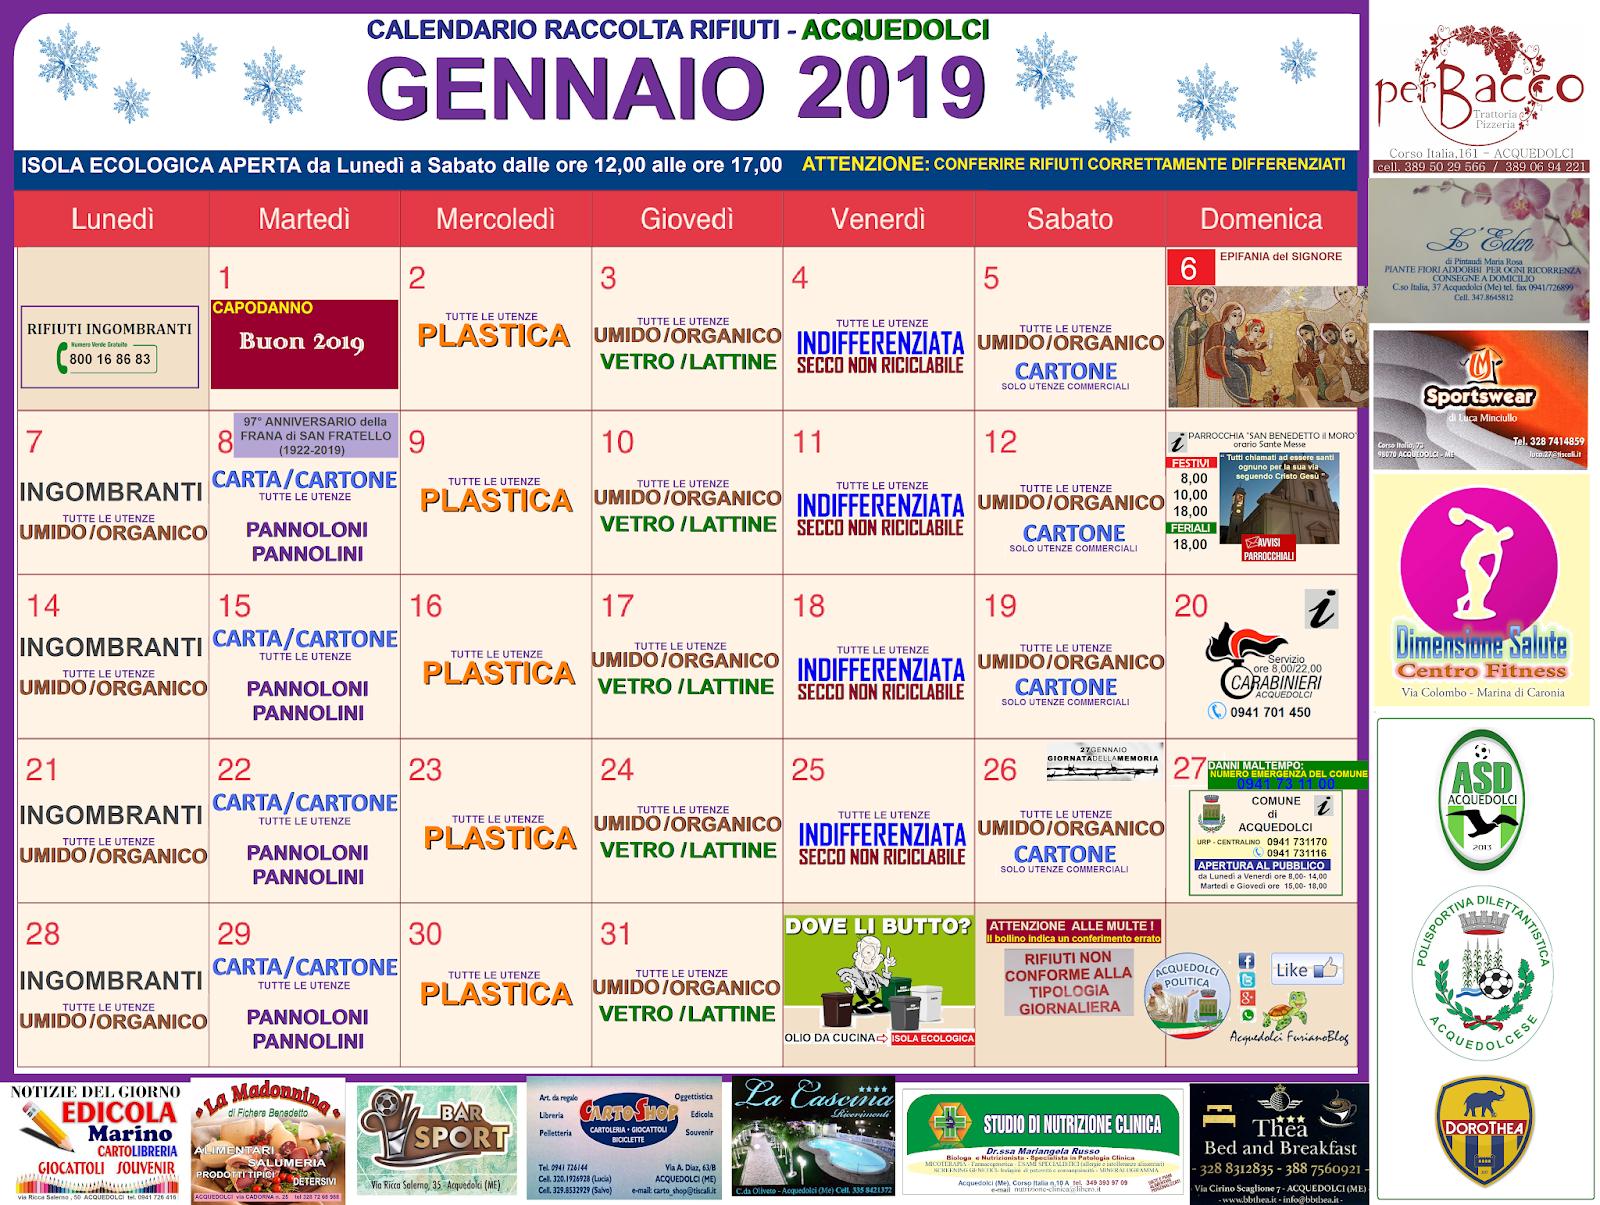 Calendario Raccolta Differenziata Sanremo.Rifiuti Calendario Di Gennaio 2019